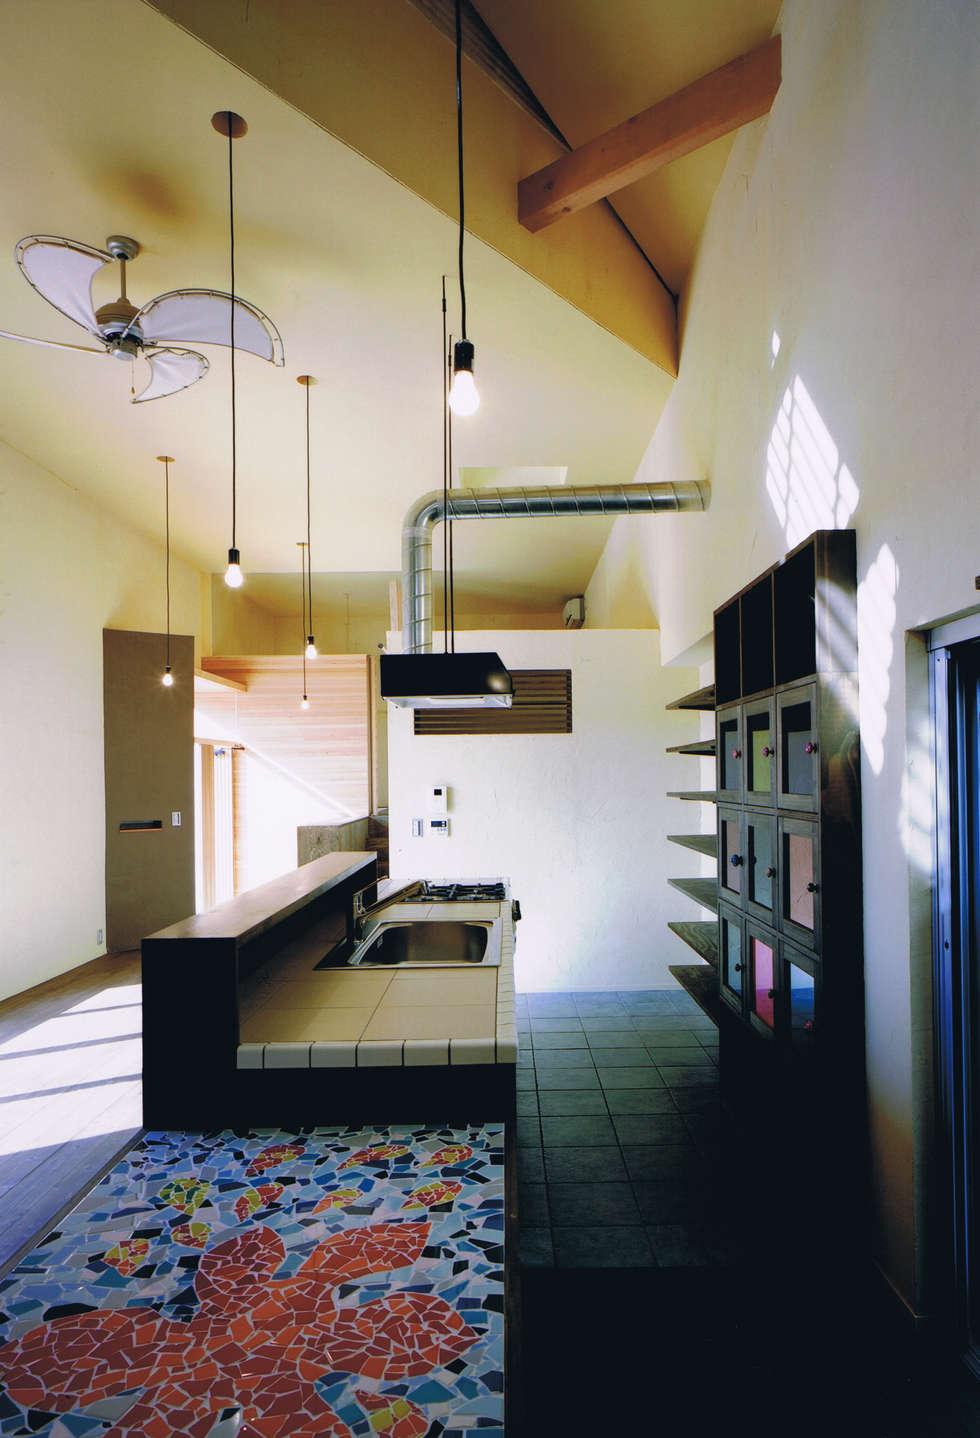 House Outsider Art: eu建築設計が手掛けたキッチンです。